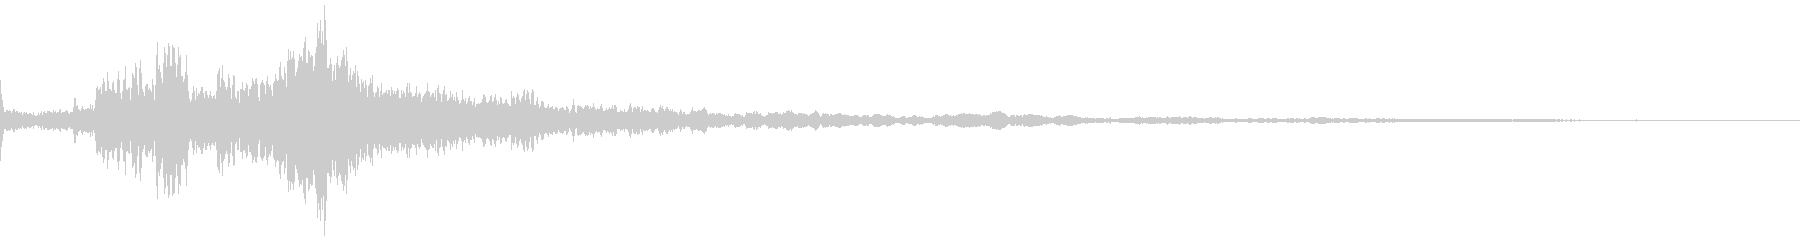 【シネマティック】 ベル音_08の未再生の波形